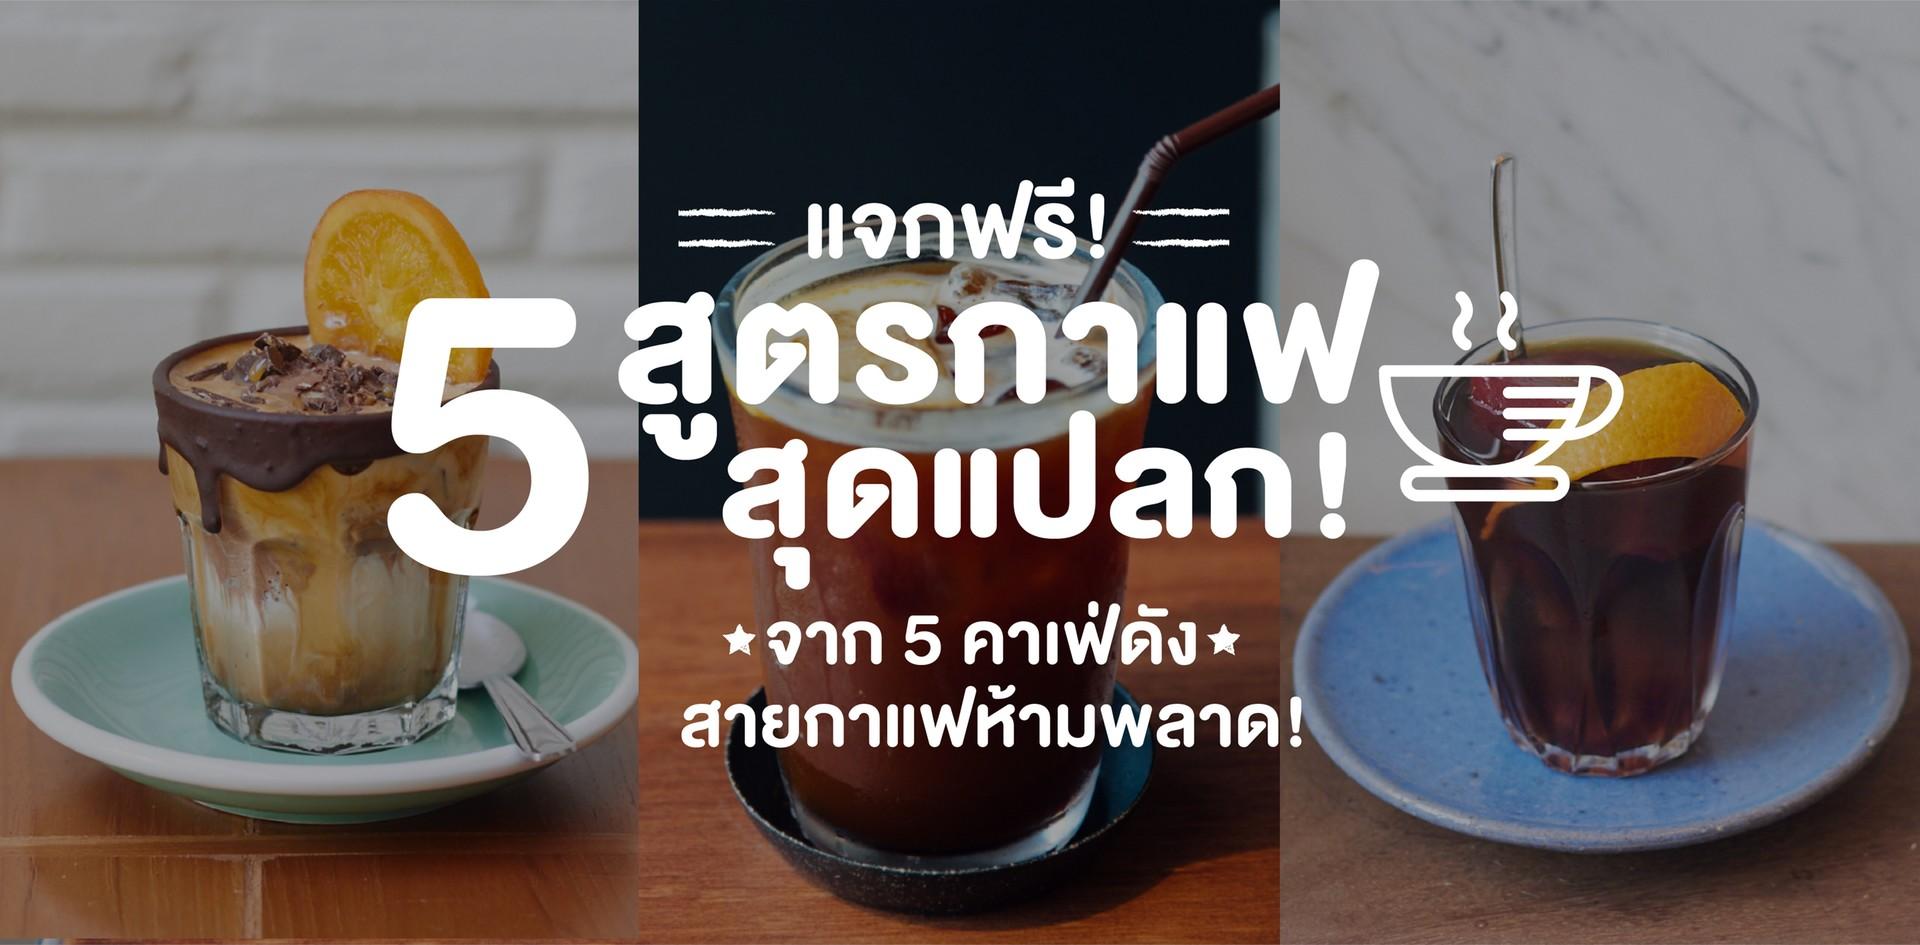 แจกฟรี! 5 สูตรกาแฟสุดแปลกจาก 5 คาเฟ่ดัง สายกาแฟห้ามพลาด!!